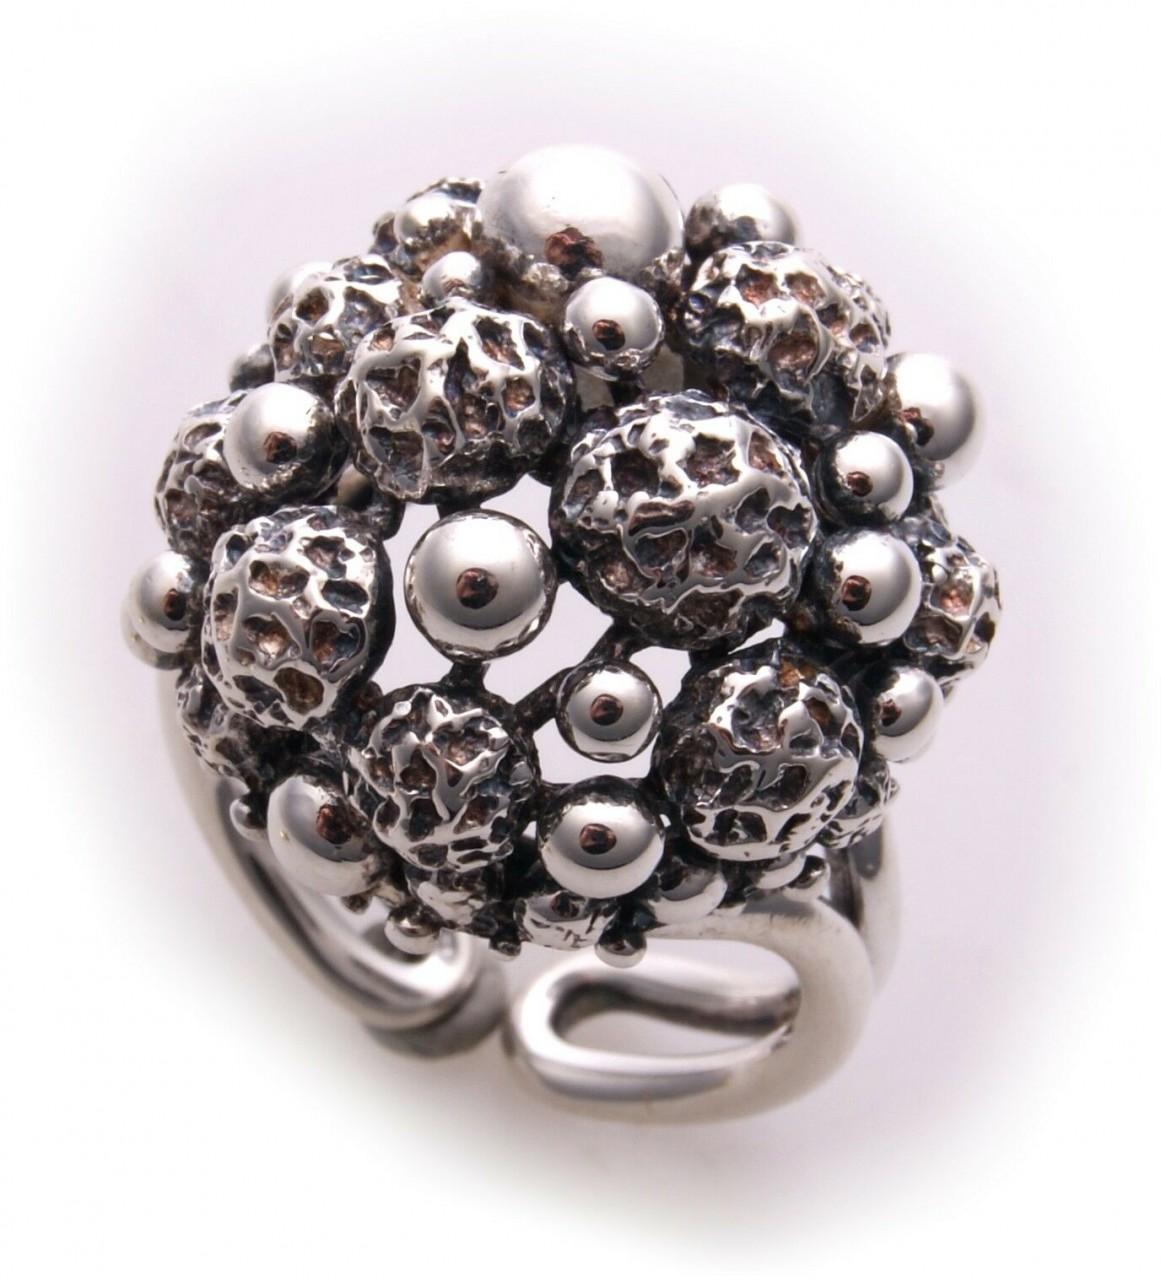 Neu Damen Ring Silber 925 Sterlingsilber geschwärzt Kugeln Kugel schöne Qualität